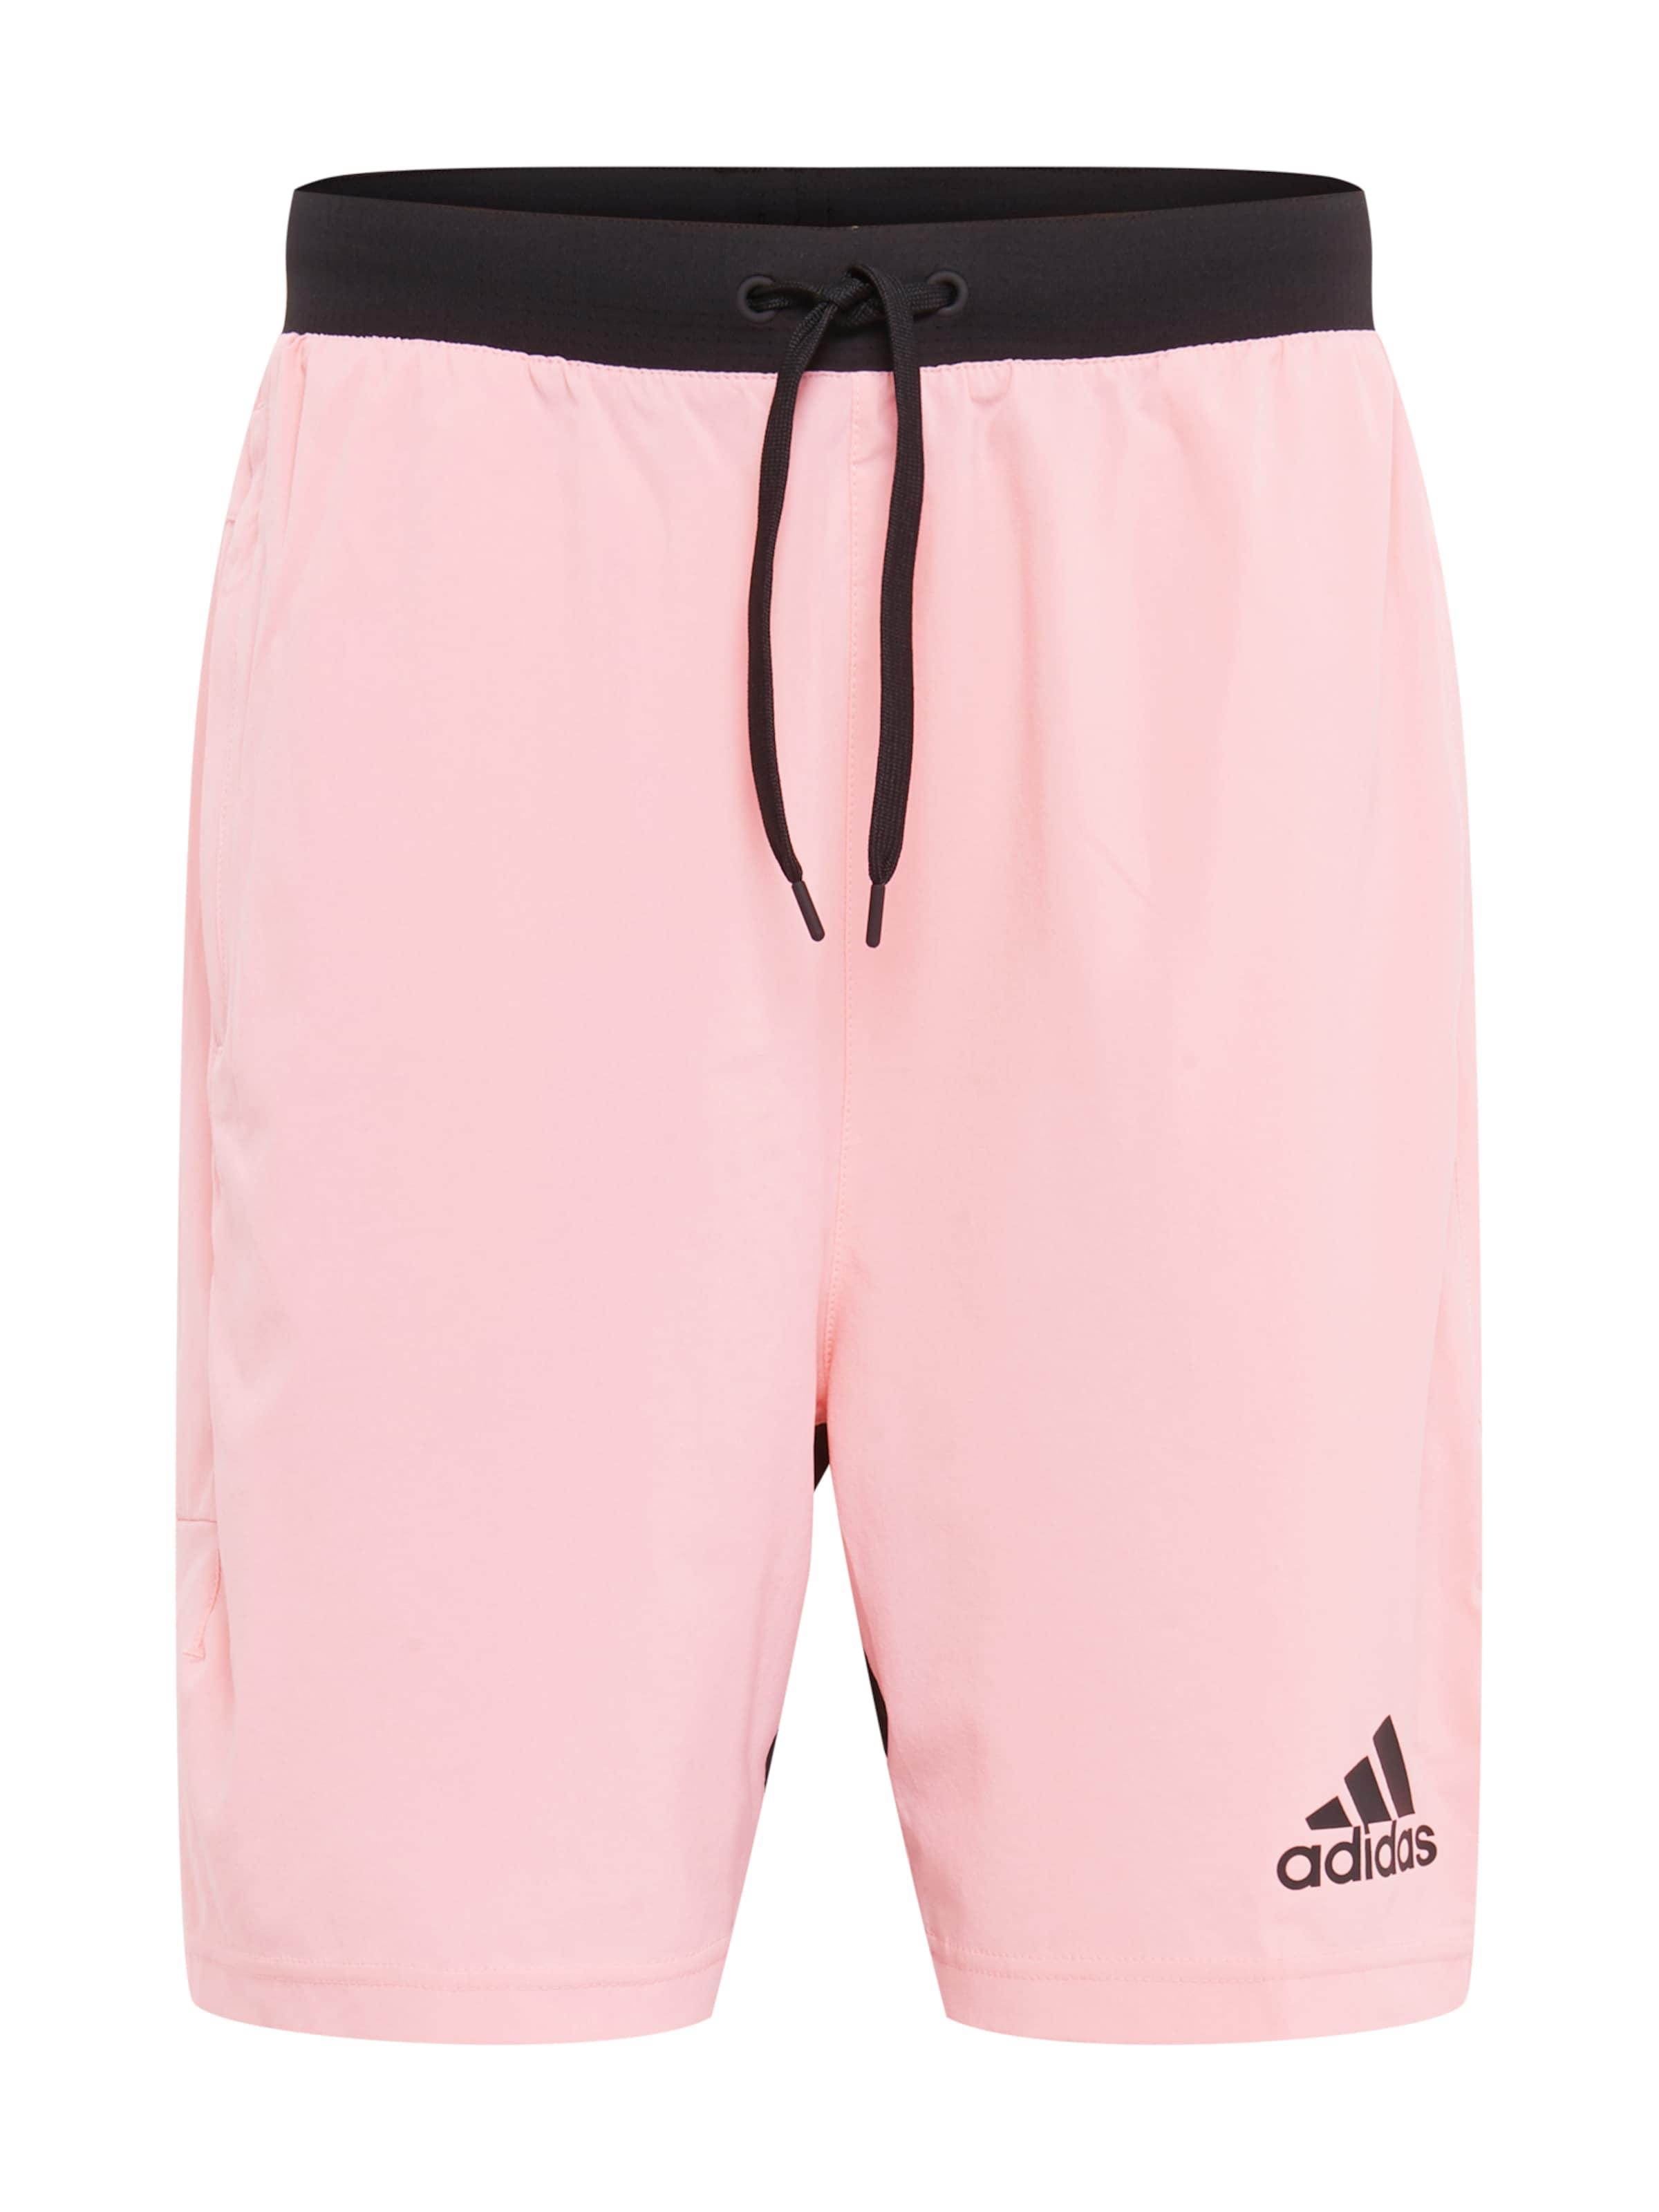 ADIDAS PERFORMANCE Sportbyxa i rosa / svart